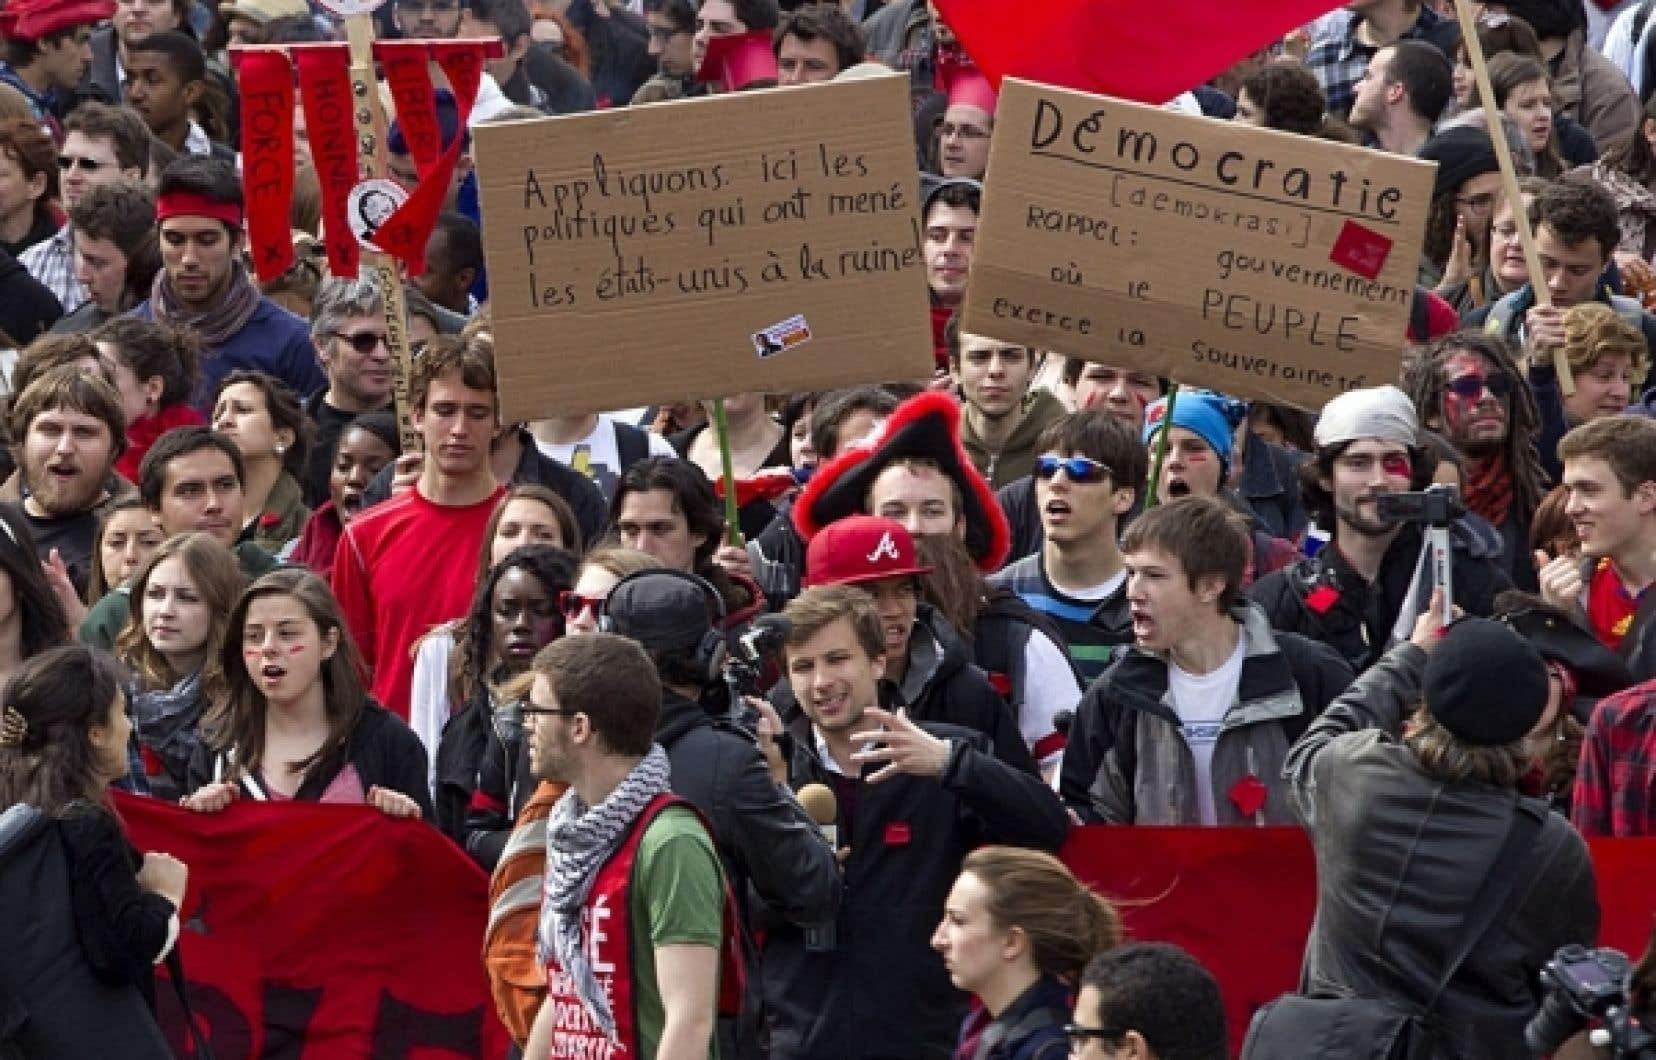 Les organisateurs de la manifestation «Pour un printemps québécois» estiment qu'ils étaient environ 30 000 au plus fort de la marche, qui s'est déroulée dans une ambiance bon enfant.